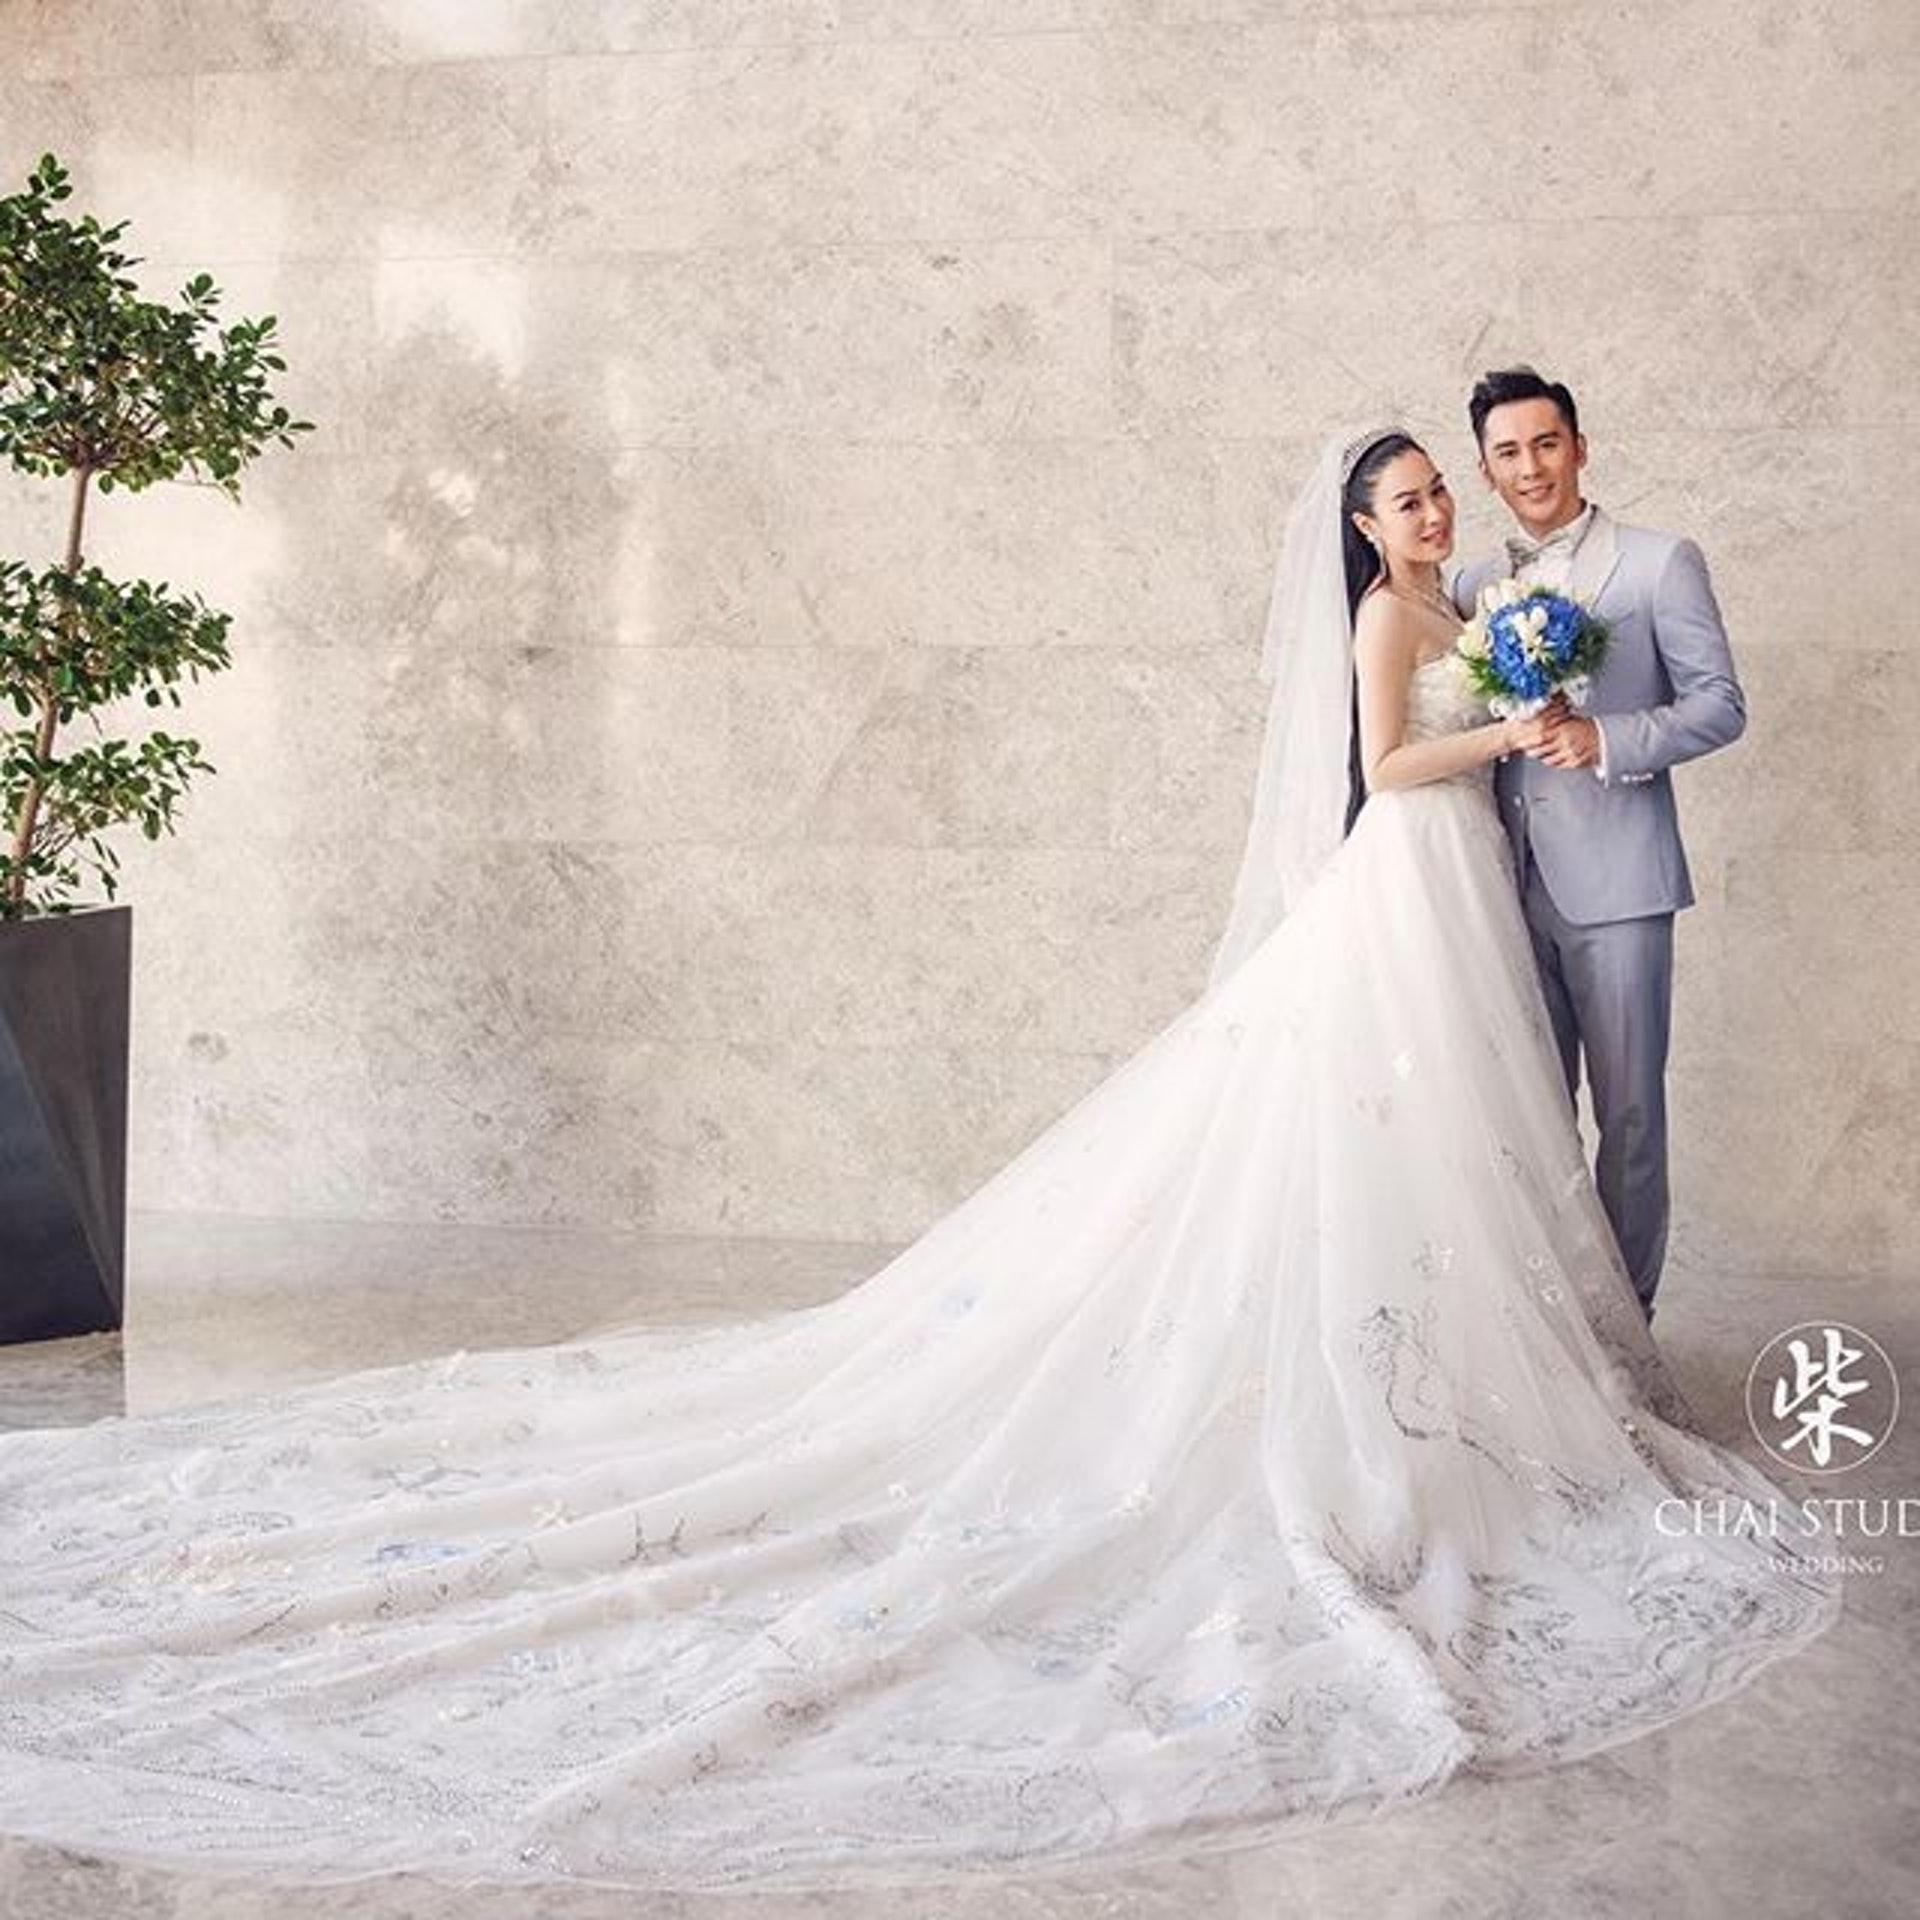 鍾麗緹和張倫碩結婚兩年,女方年近半百,近日為少夫積極備孕,成為一時熱話。(IG圖片 )